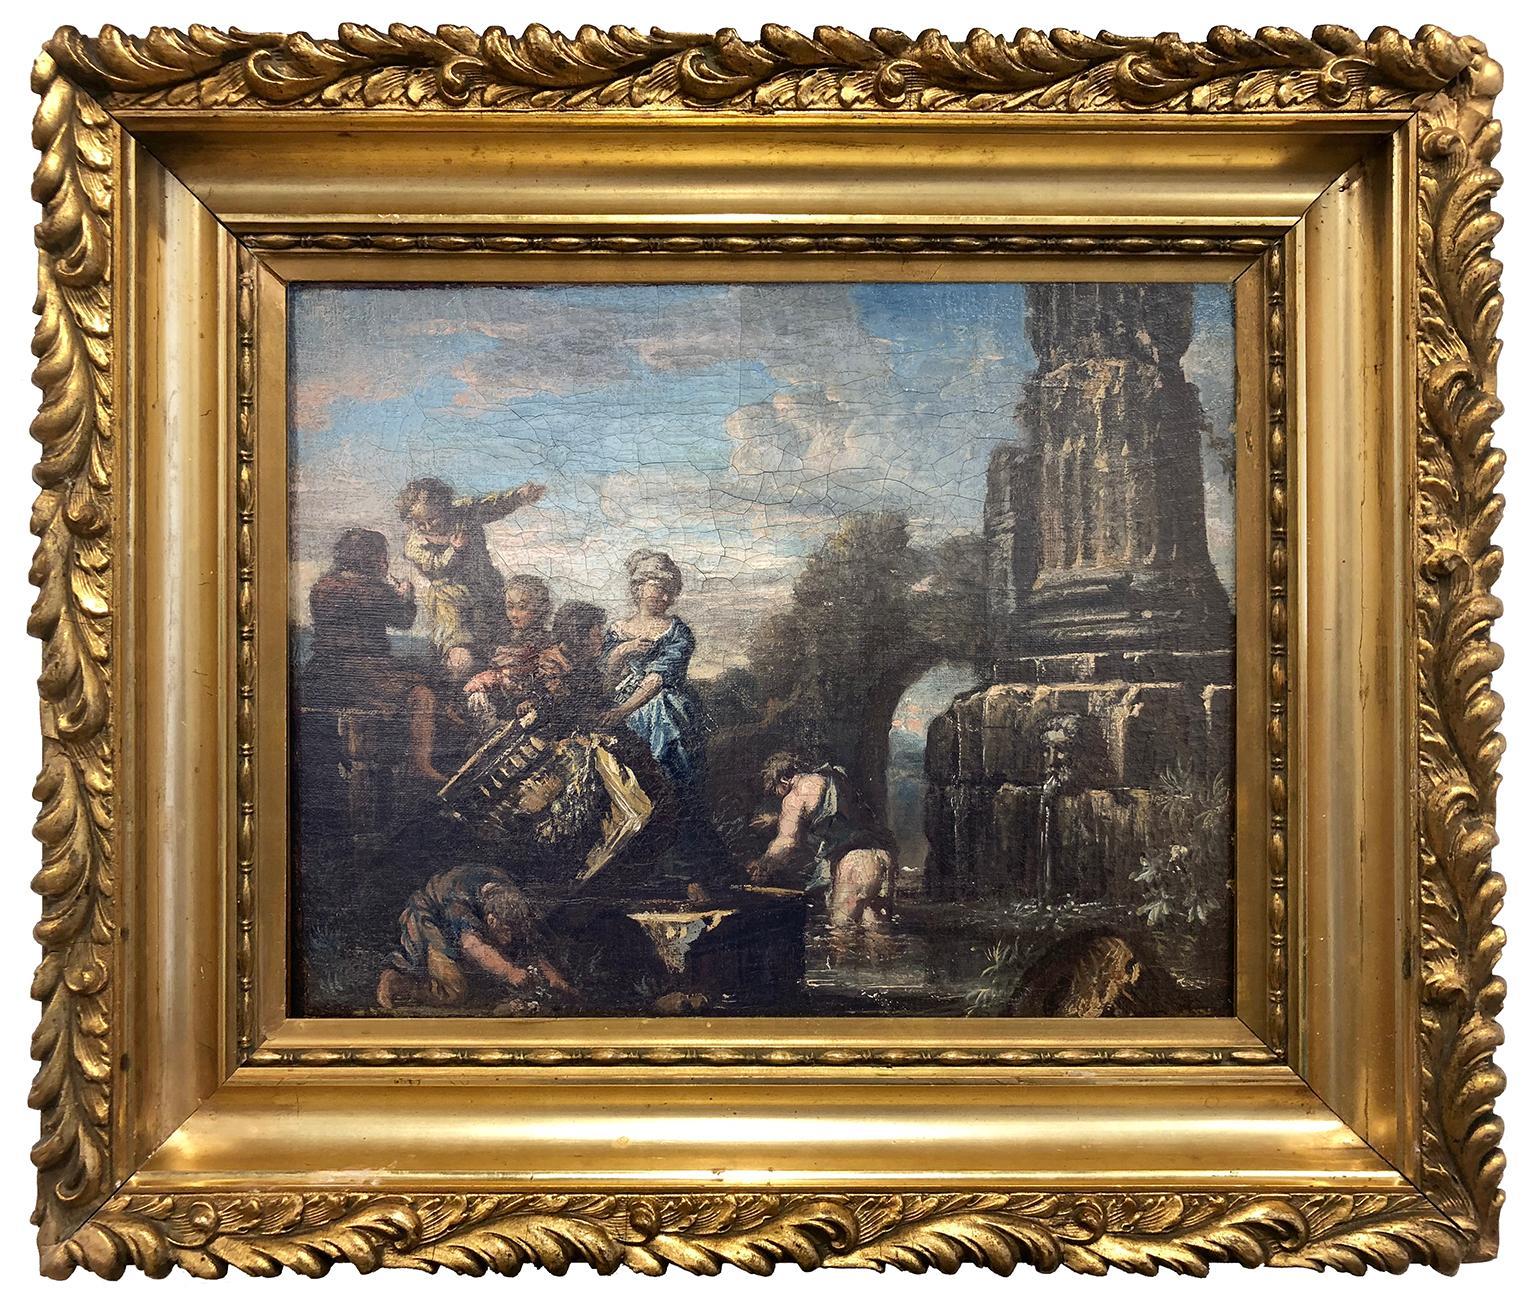 Venetian Capriccio with figures adorning a fountain - Venetian School Circa 1740